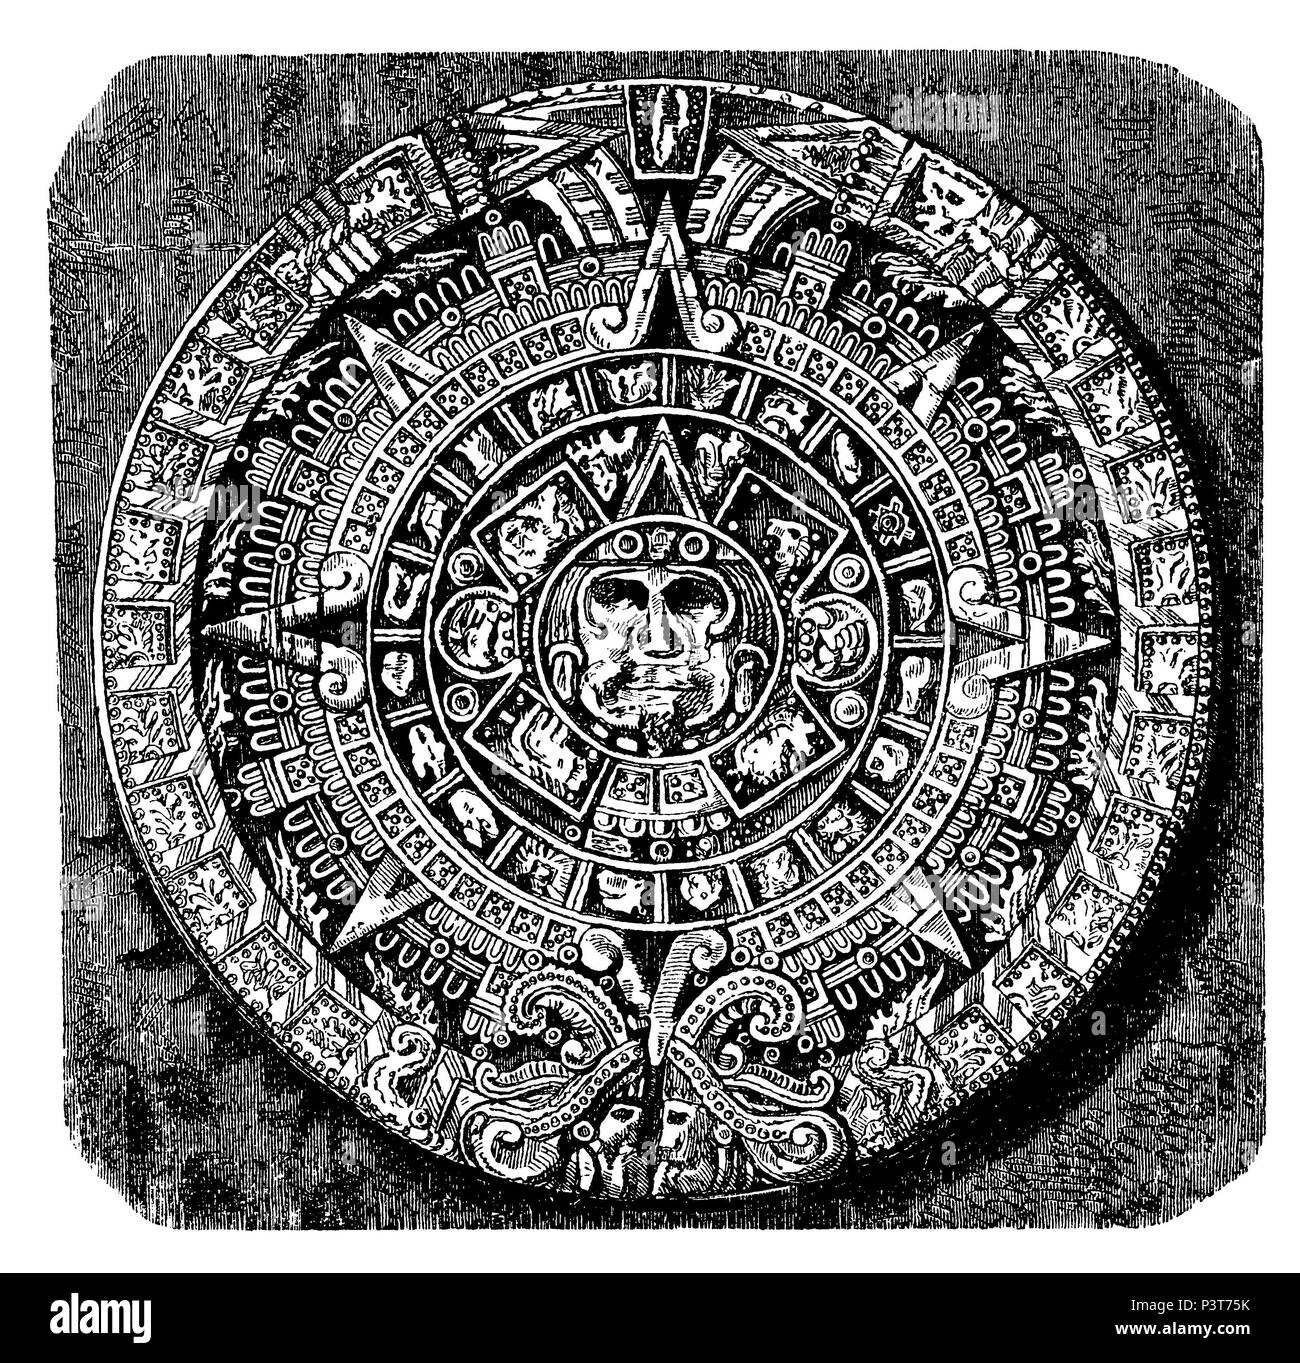 Great calendar stone, Nach einer Fotografie von Paul de Rosti - Stock Image